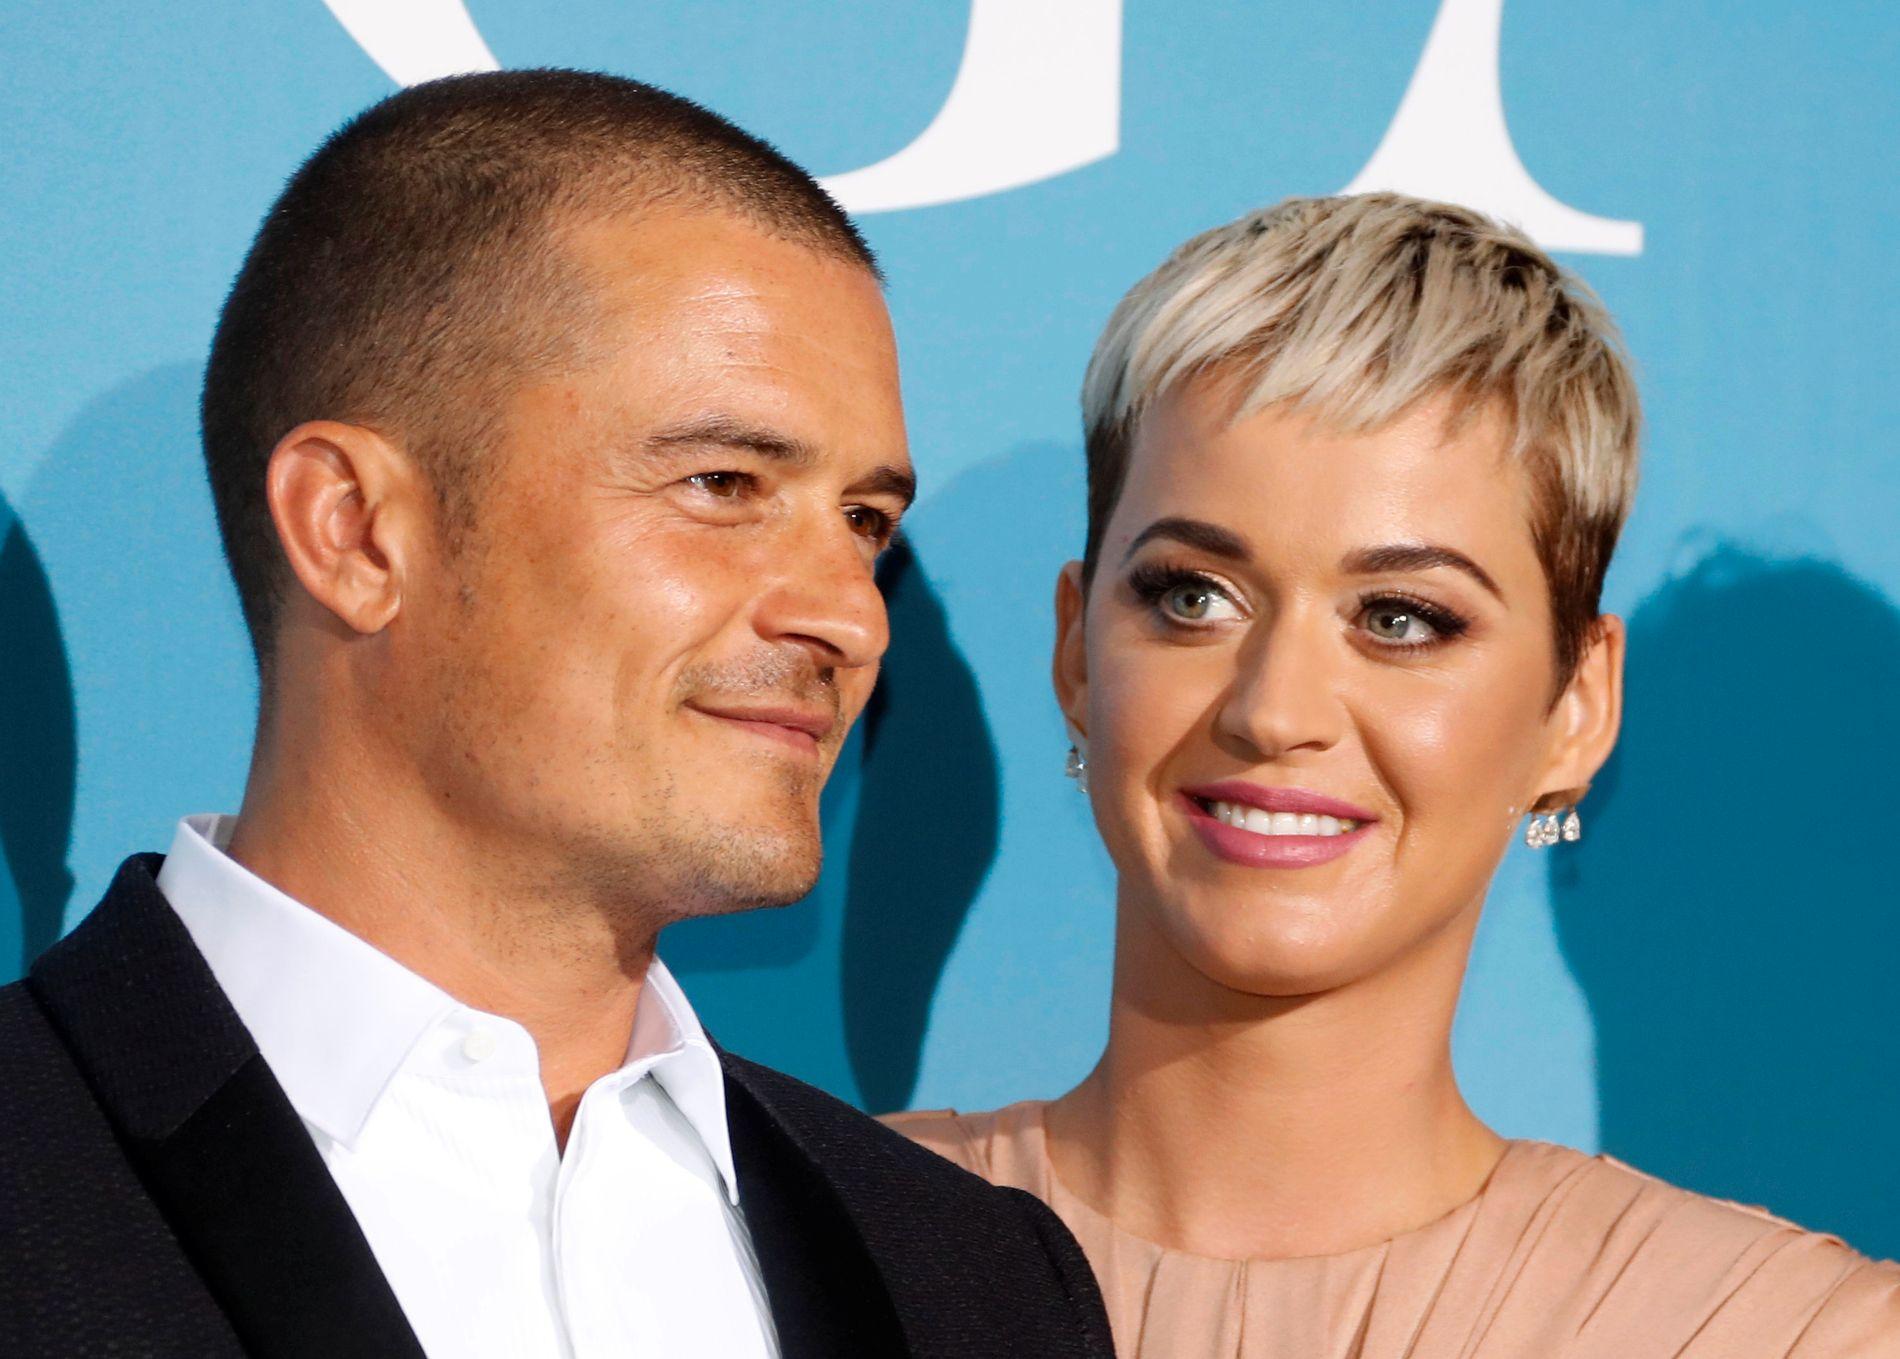 VIL IKKE DELE: Katy Perry ville ikke dele kjæresten Orlando Bloom med andre. Her er de avbildet under en galla i Monte Carlo i september i år.